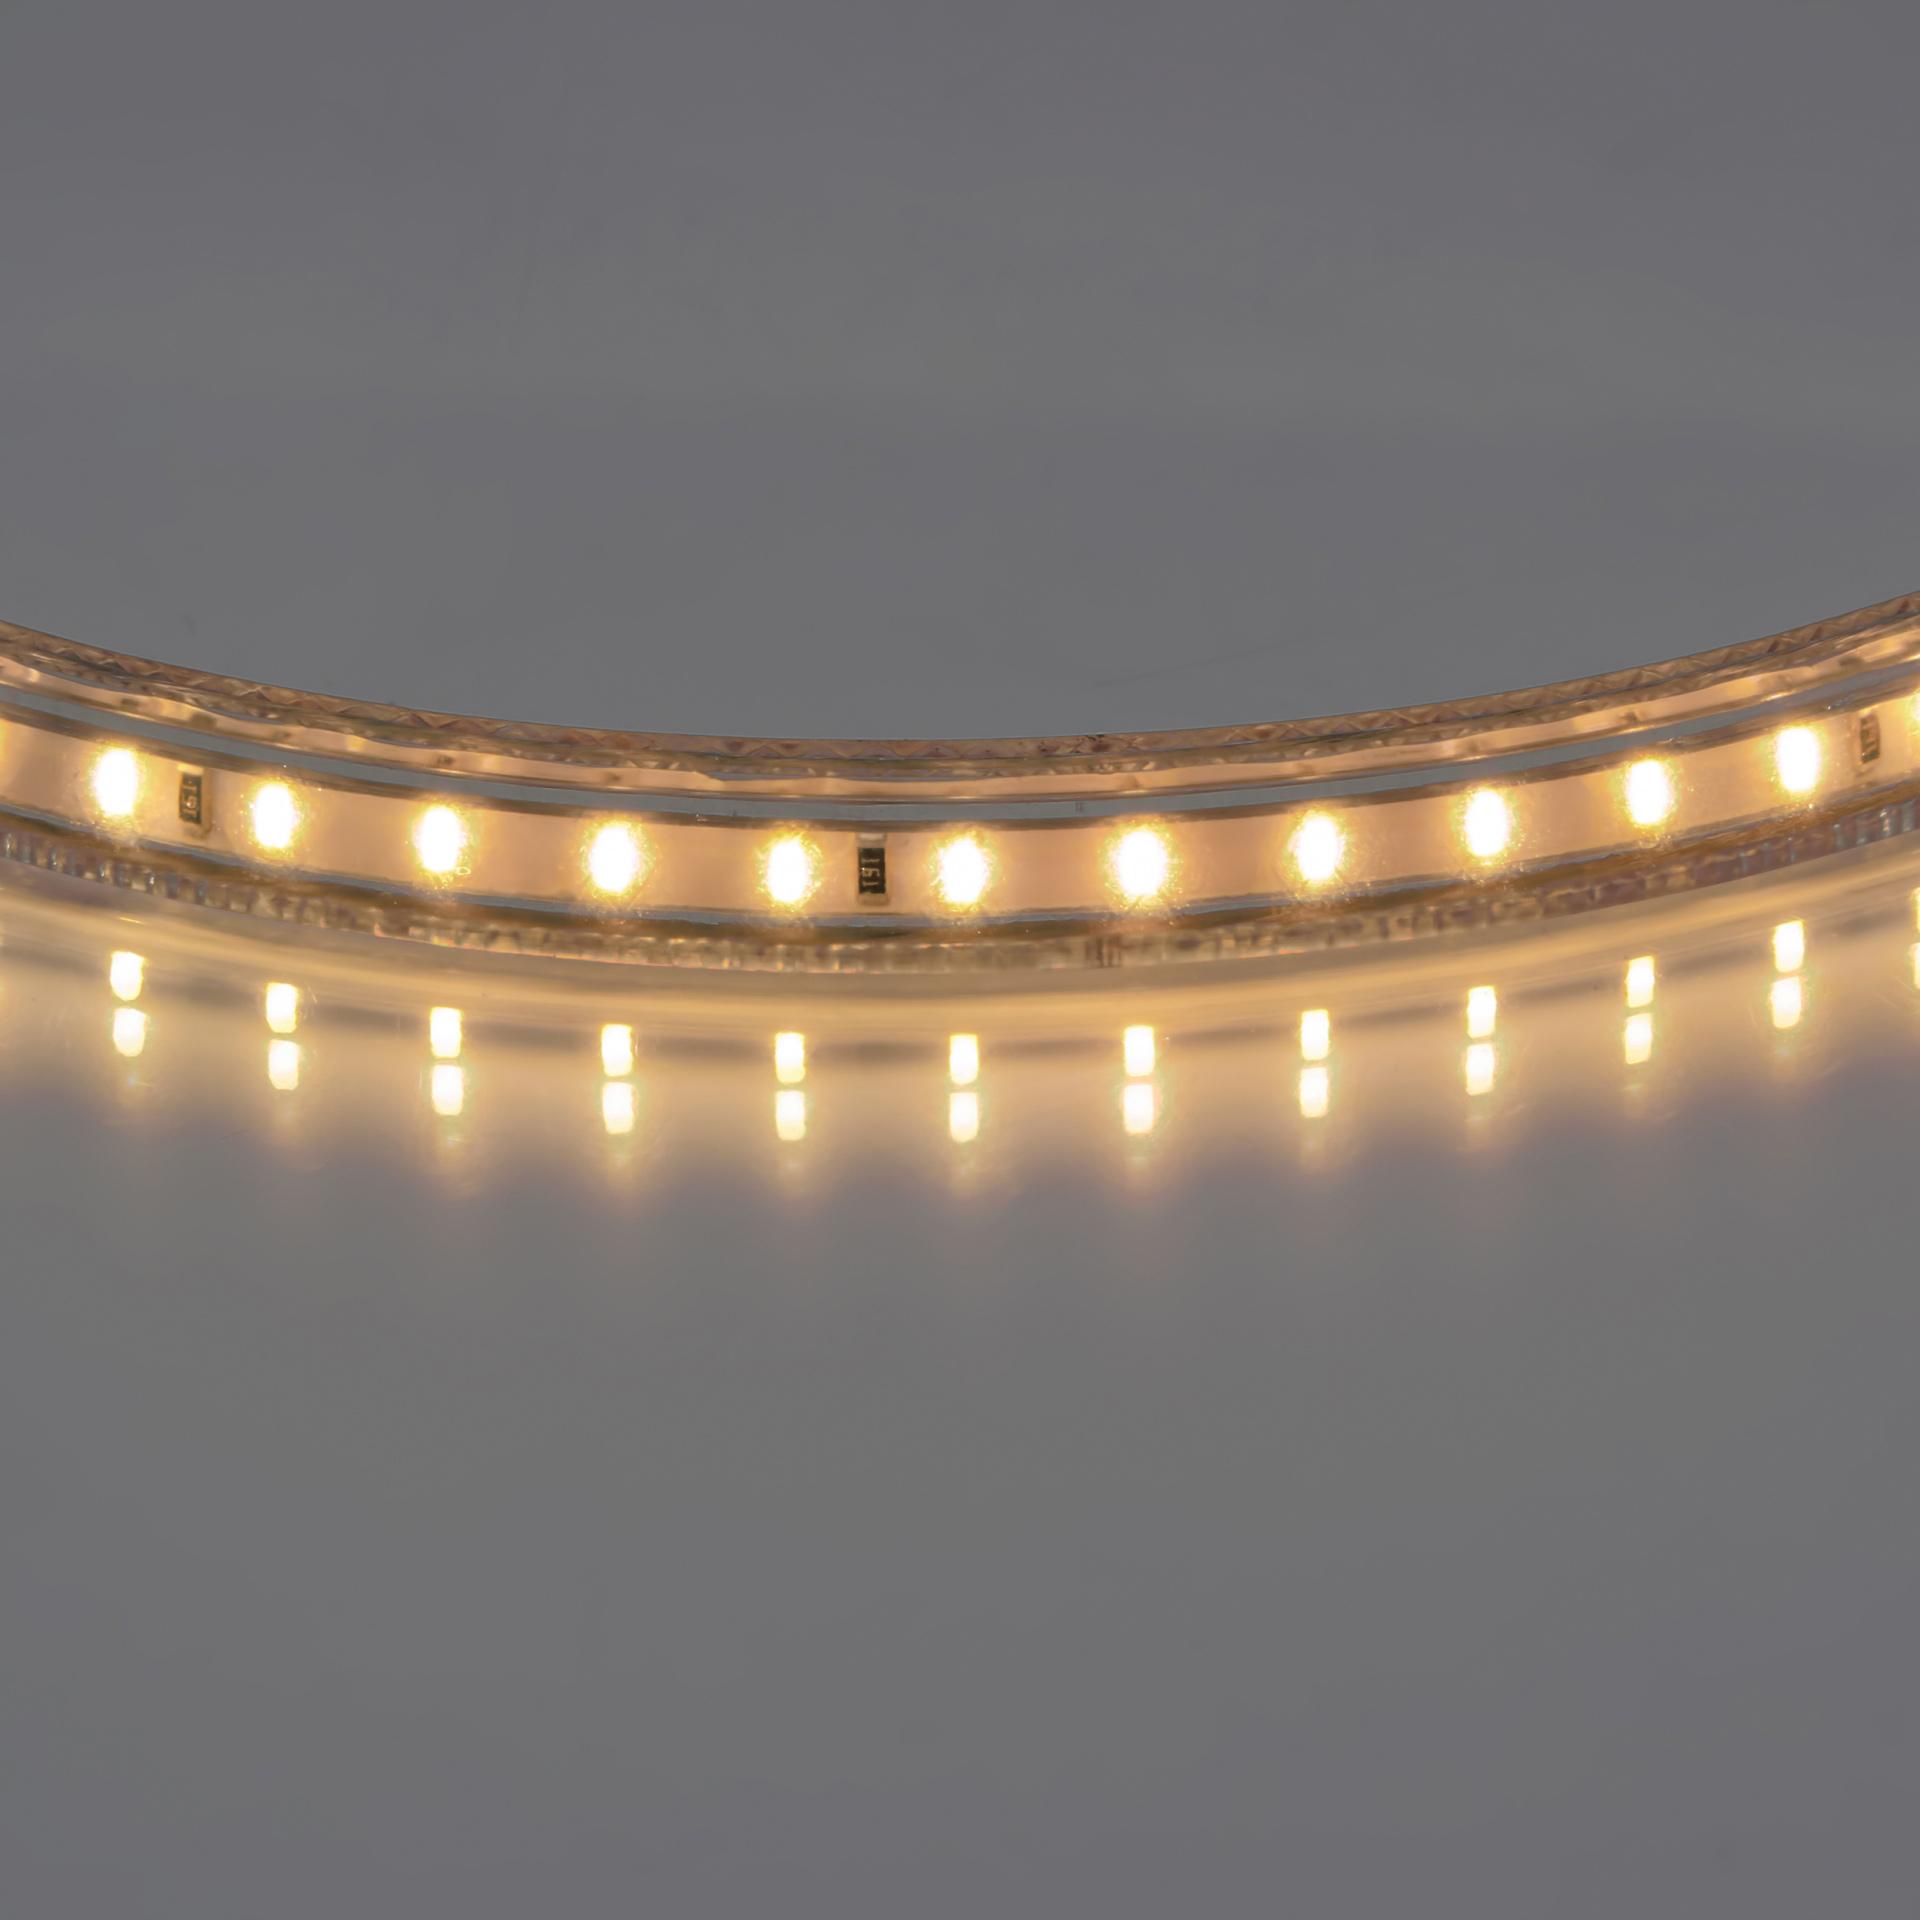 Лента 220V LED 2800-3200K теплый белый свет Lightstar 402032, купить в СПб, Москве, с доставкой, Санкт-Петербург, интернет-магазин люстр и светильников Starlight, фото в жизни